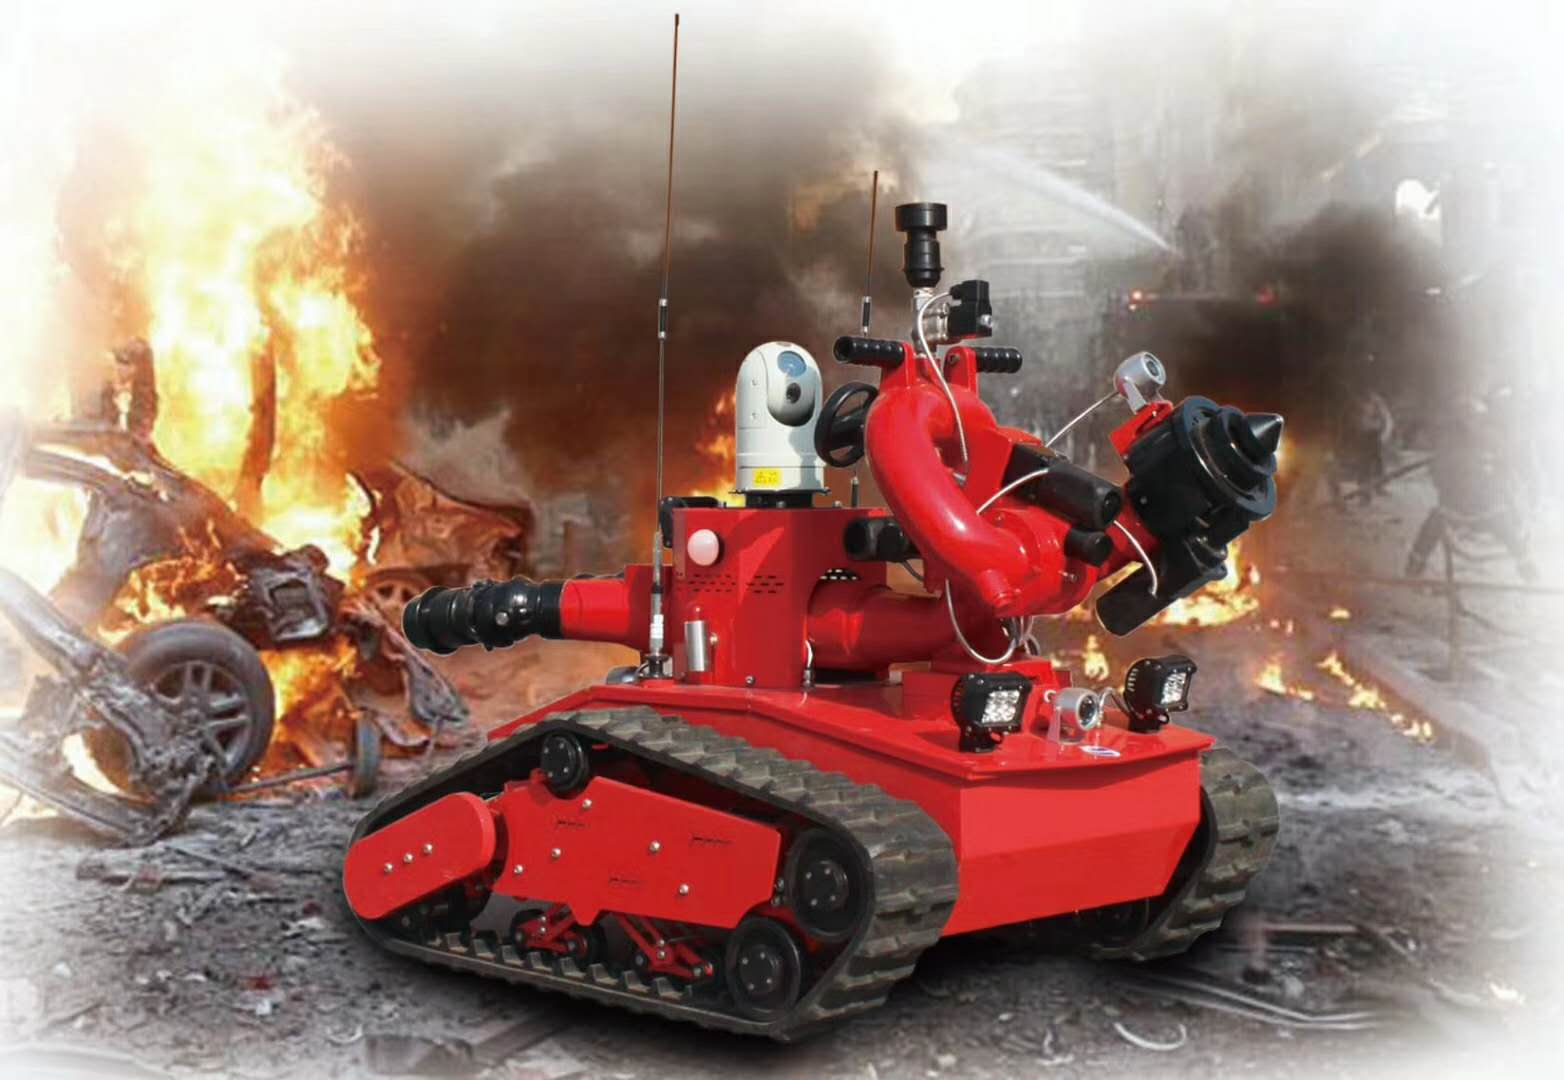 程力公司制造的RXR-M40D的灭火战车派上用场了,特殊场合需要特殊的消防作战设?#31119;?#26426;器人遥控作业配合消防车可以随意进入火场完?#19978;?#38450;作战任务!√视频